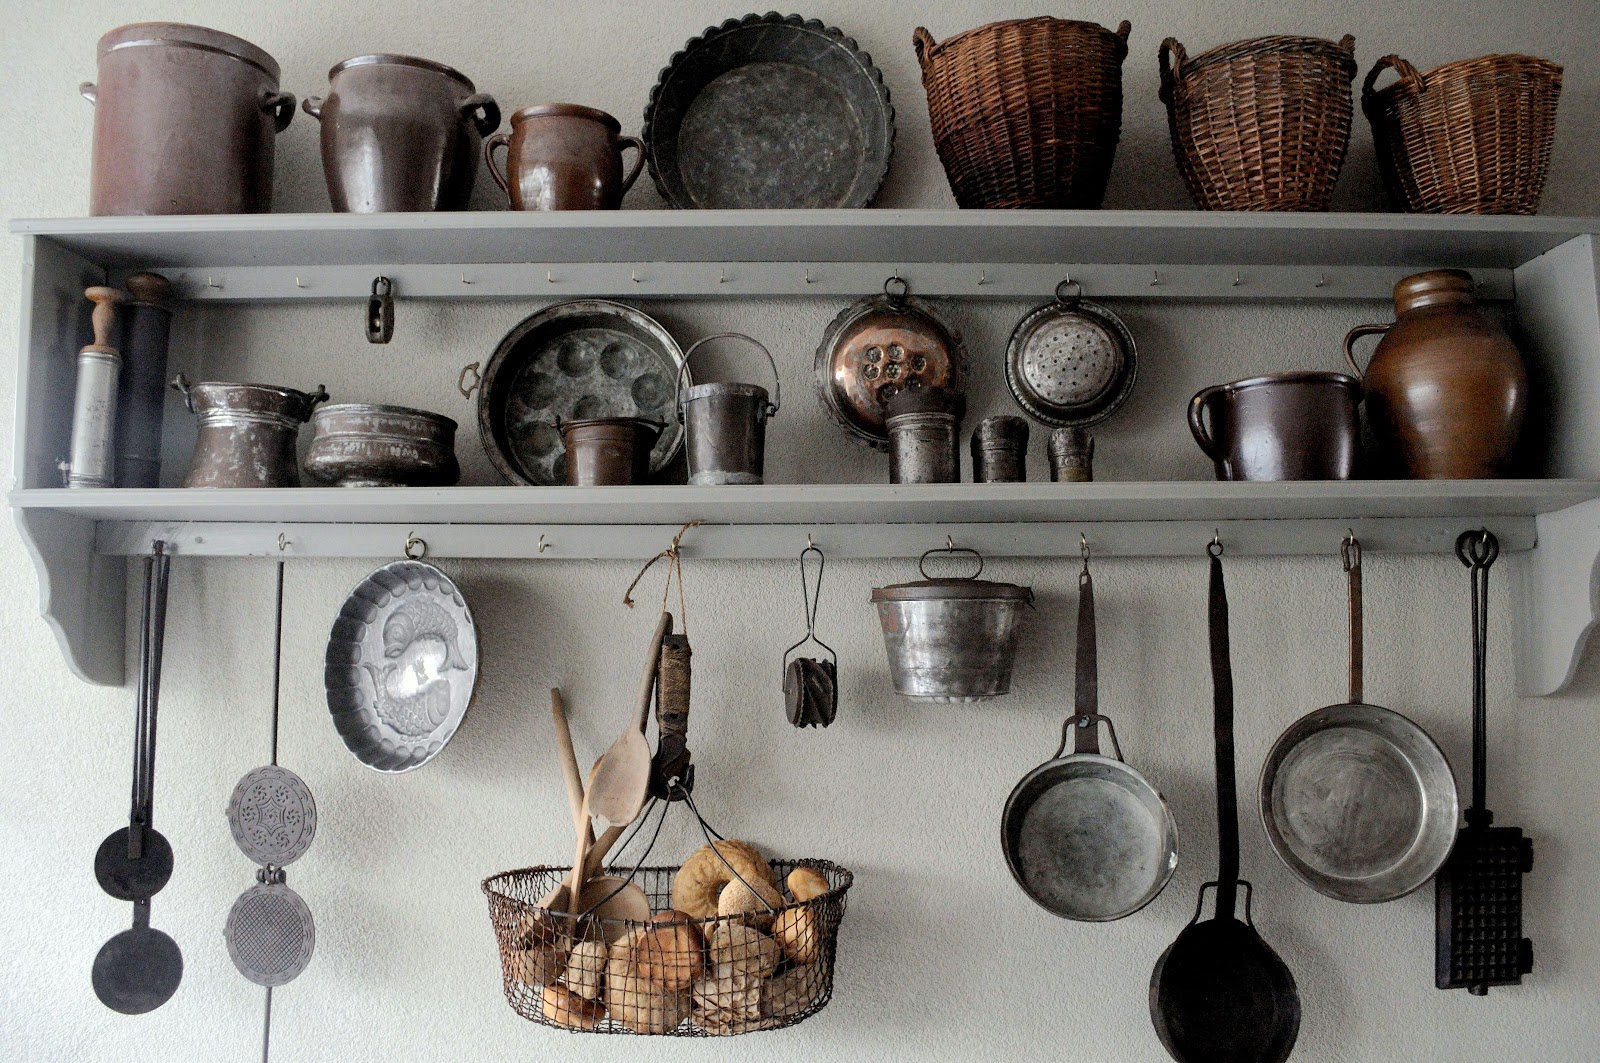 Keukenrekken : Natuurlijk ontbreken de manden en